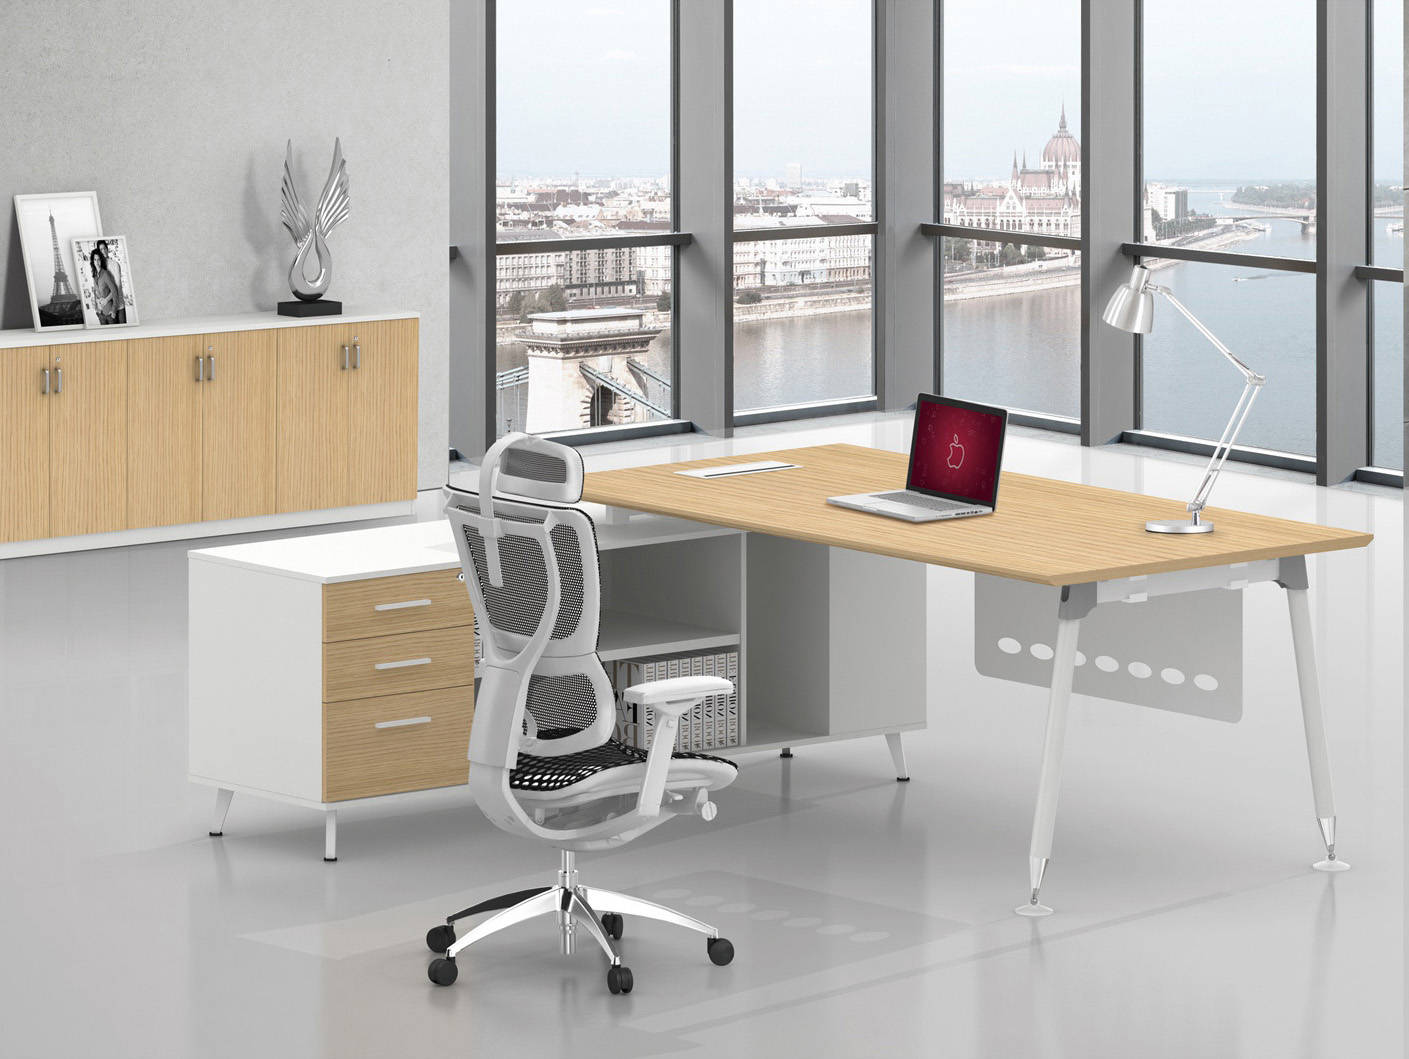 購買板式辦公家具注意事項-智賢達辦公家具